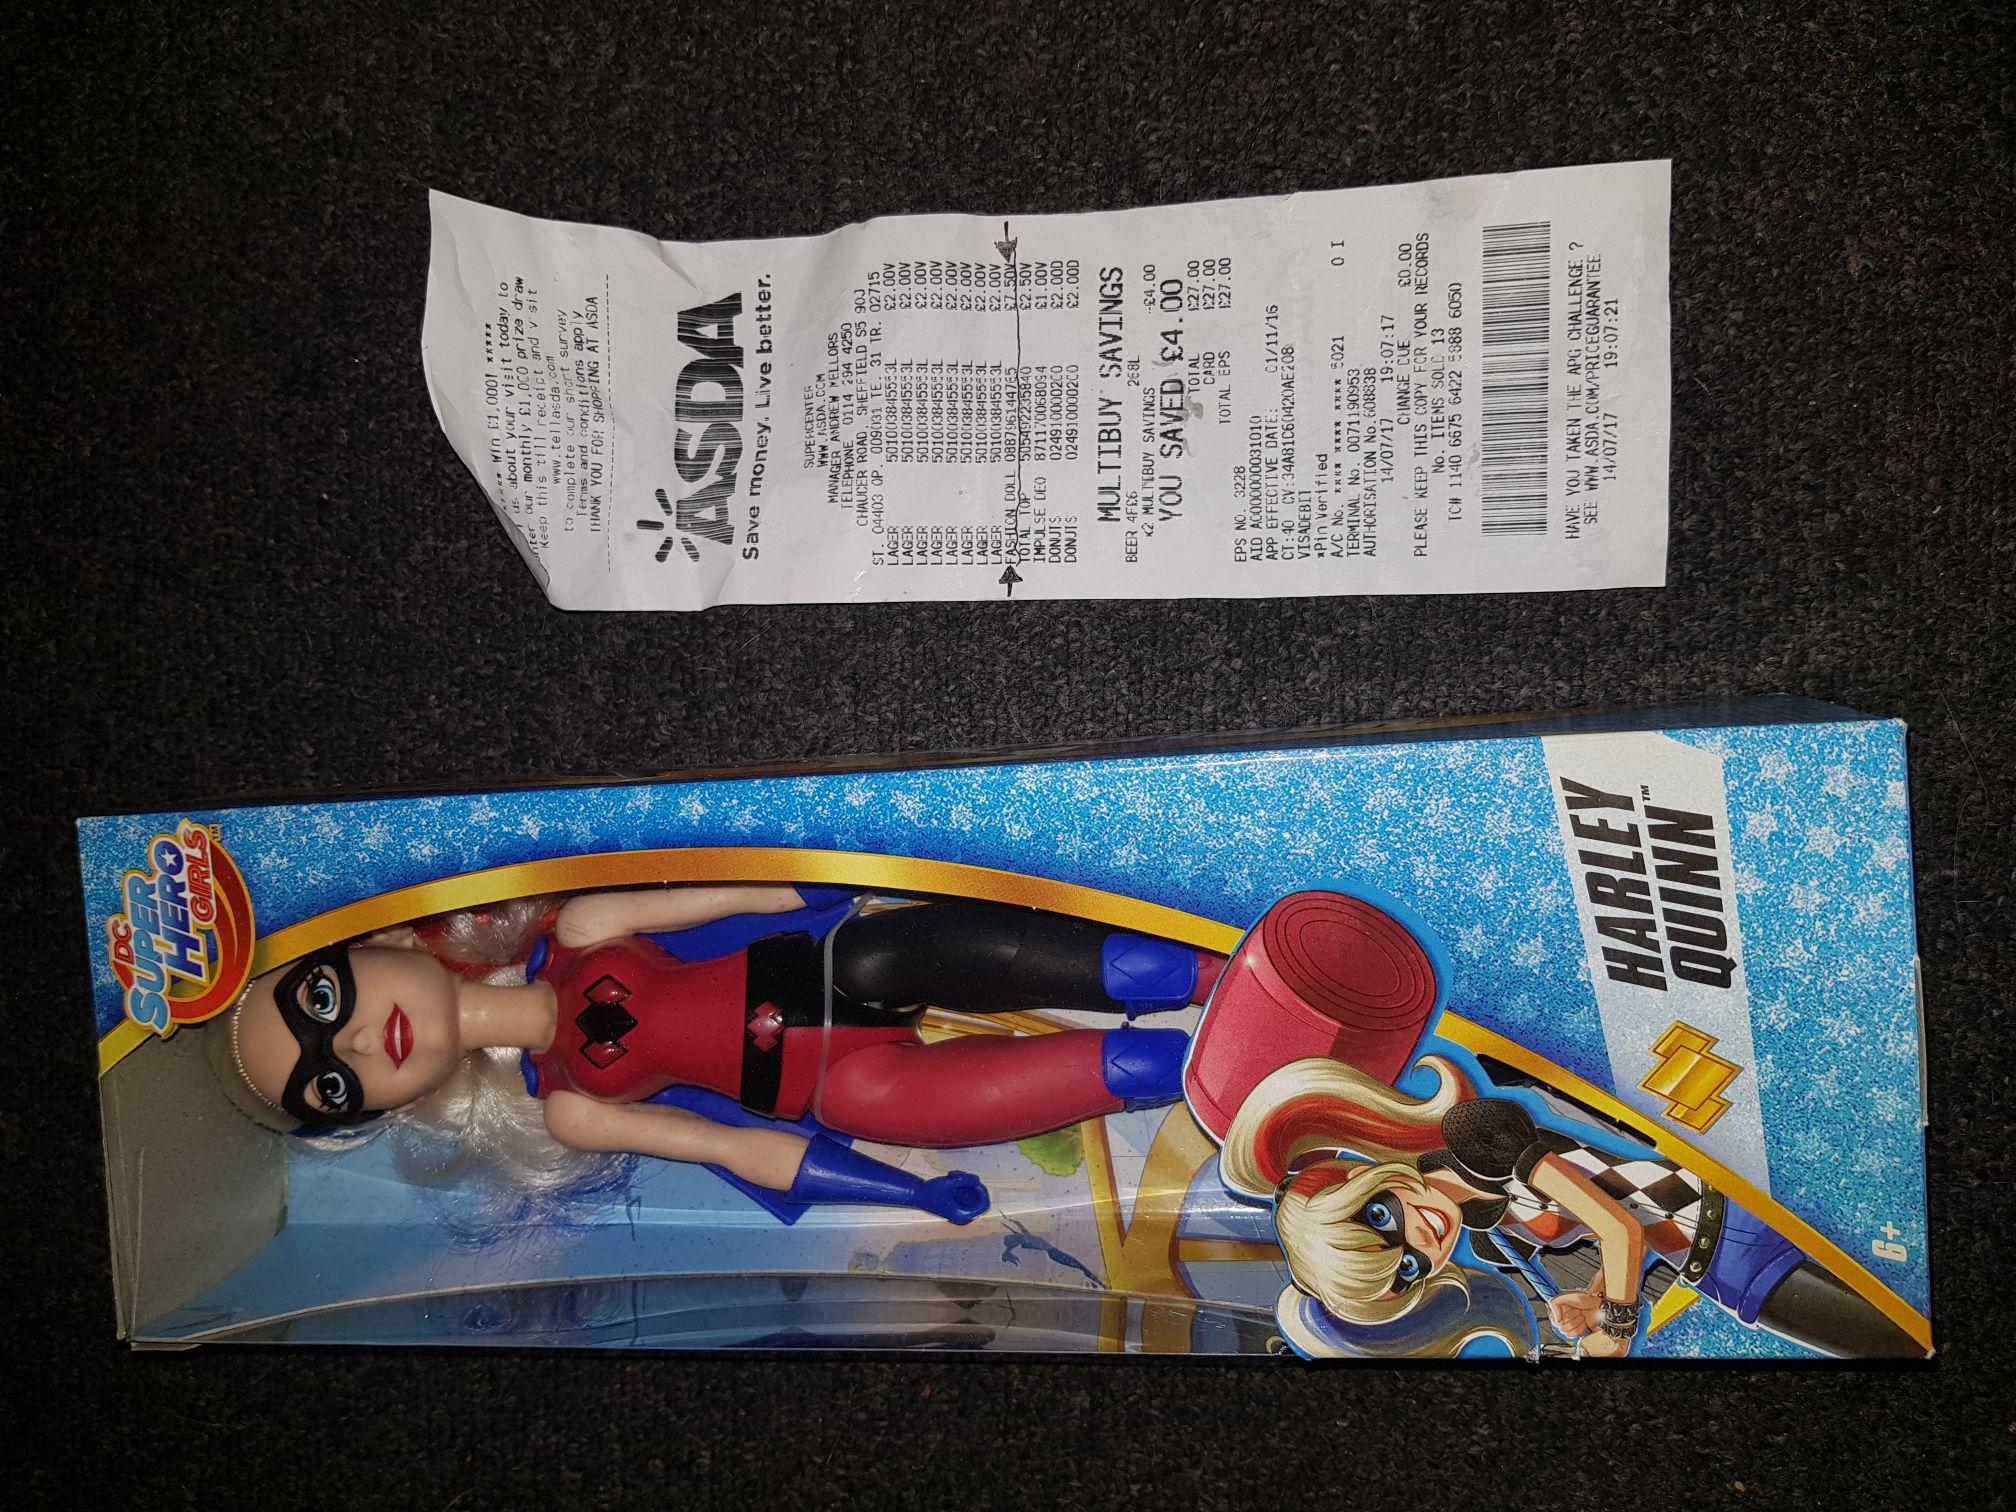 Harley Quinn doll  £7.50 ASDA instore